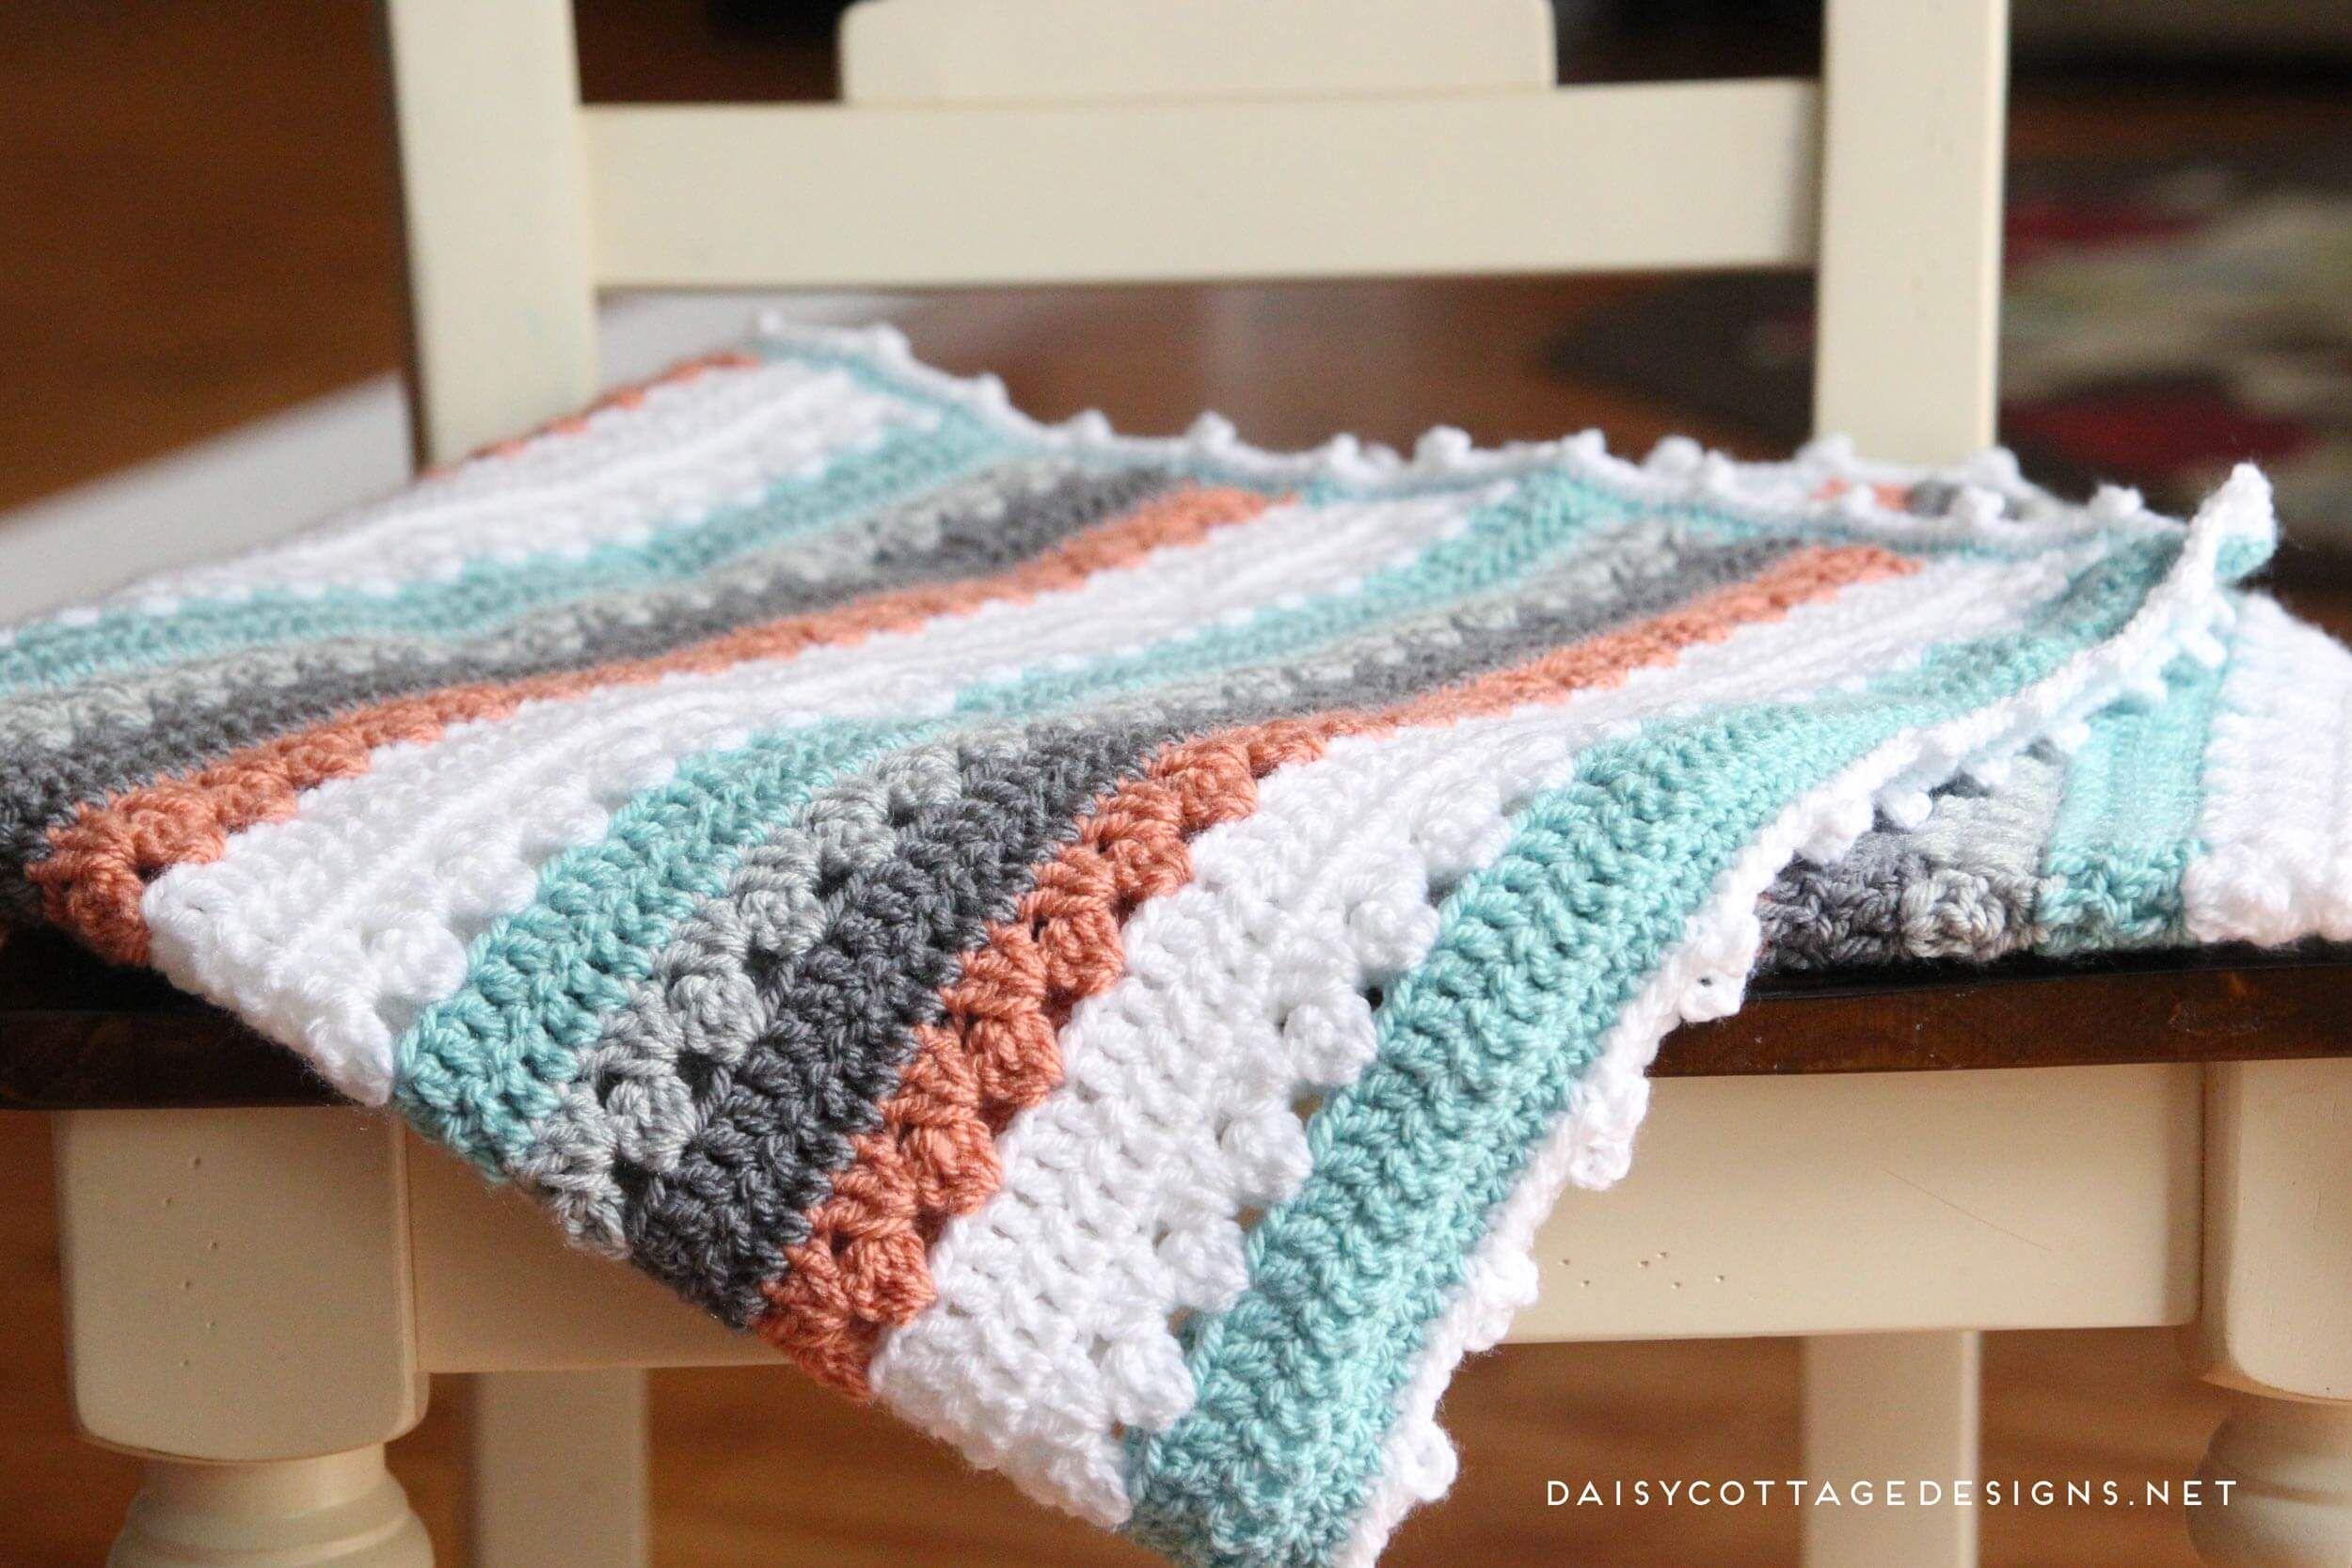 Crochet Blanket Pattern A Quick Simple Pattern Daisy Cottage Designs Crochet Blanket Pattern Easy Baby Blanket Crochet Pattern Crochet Blanket Patterns